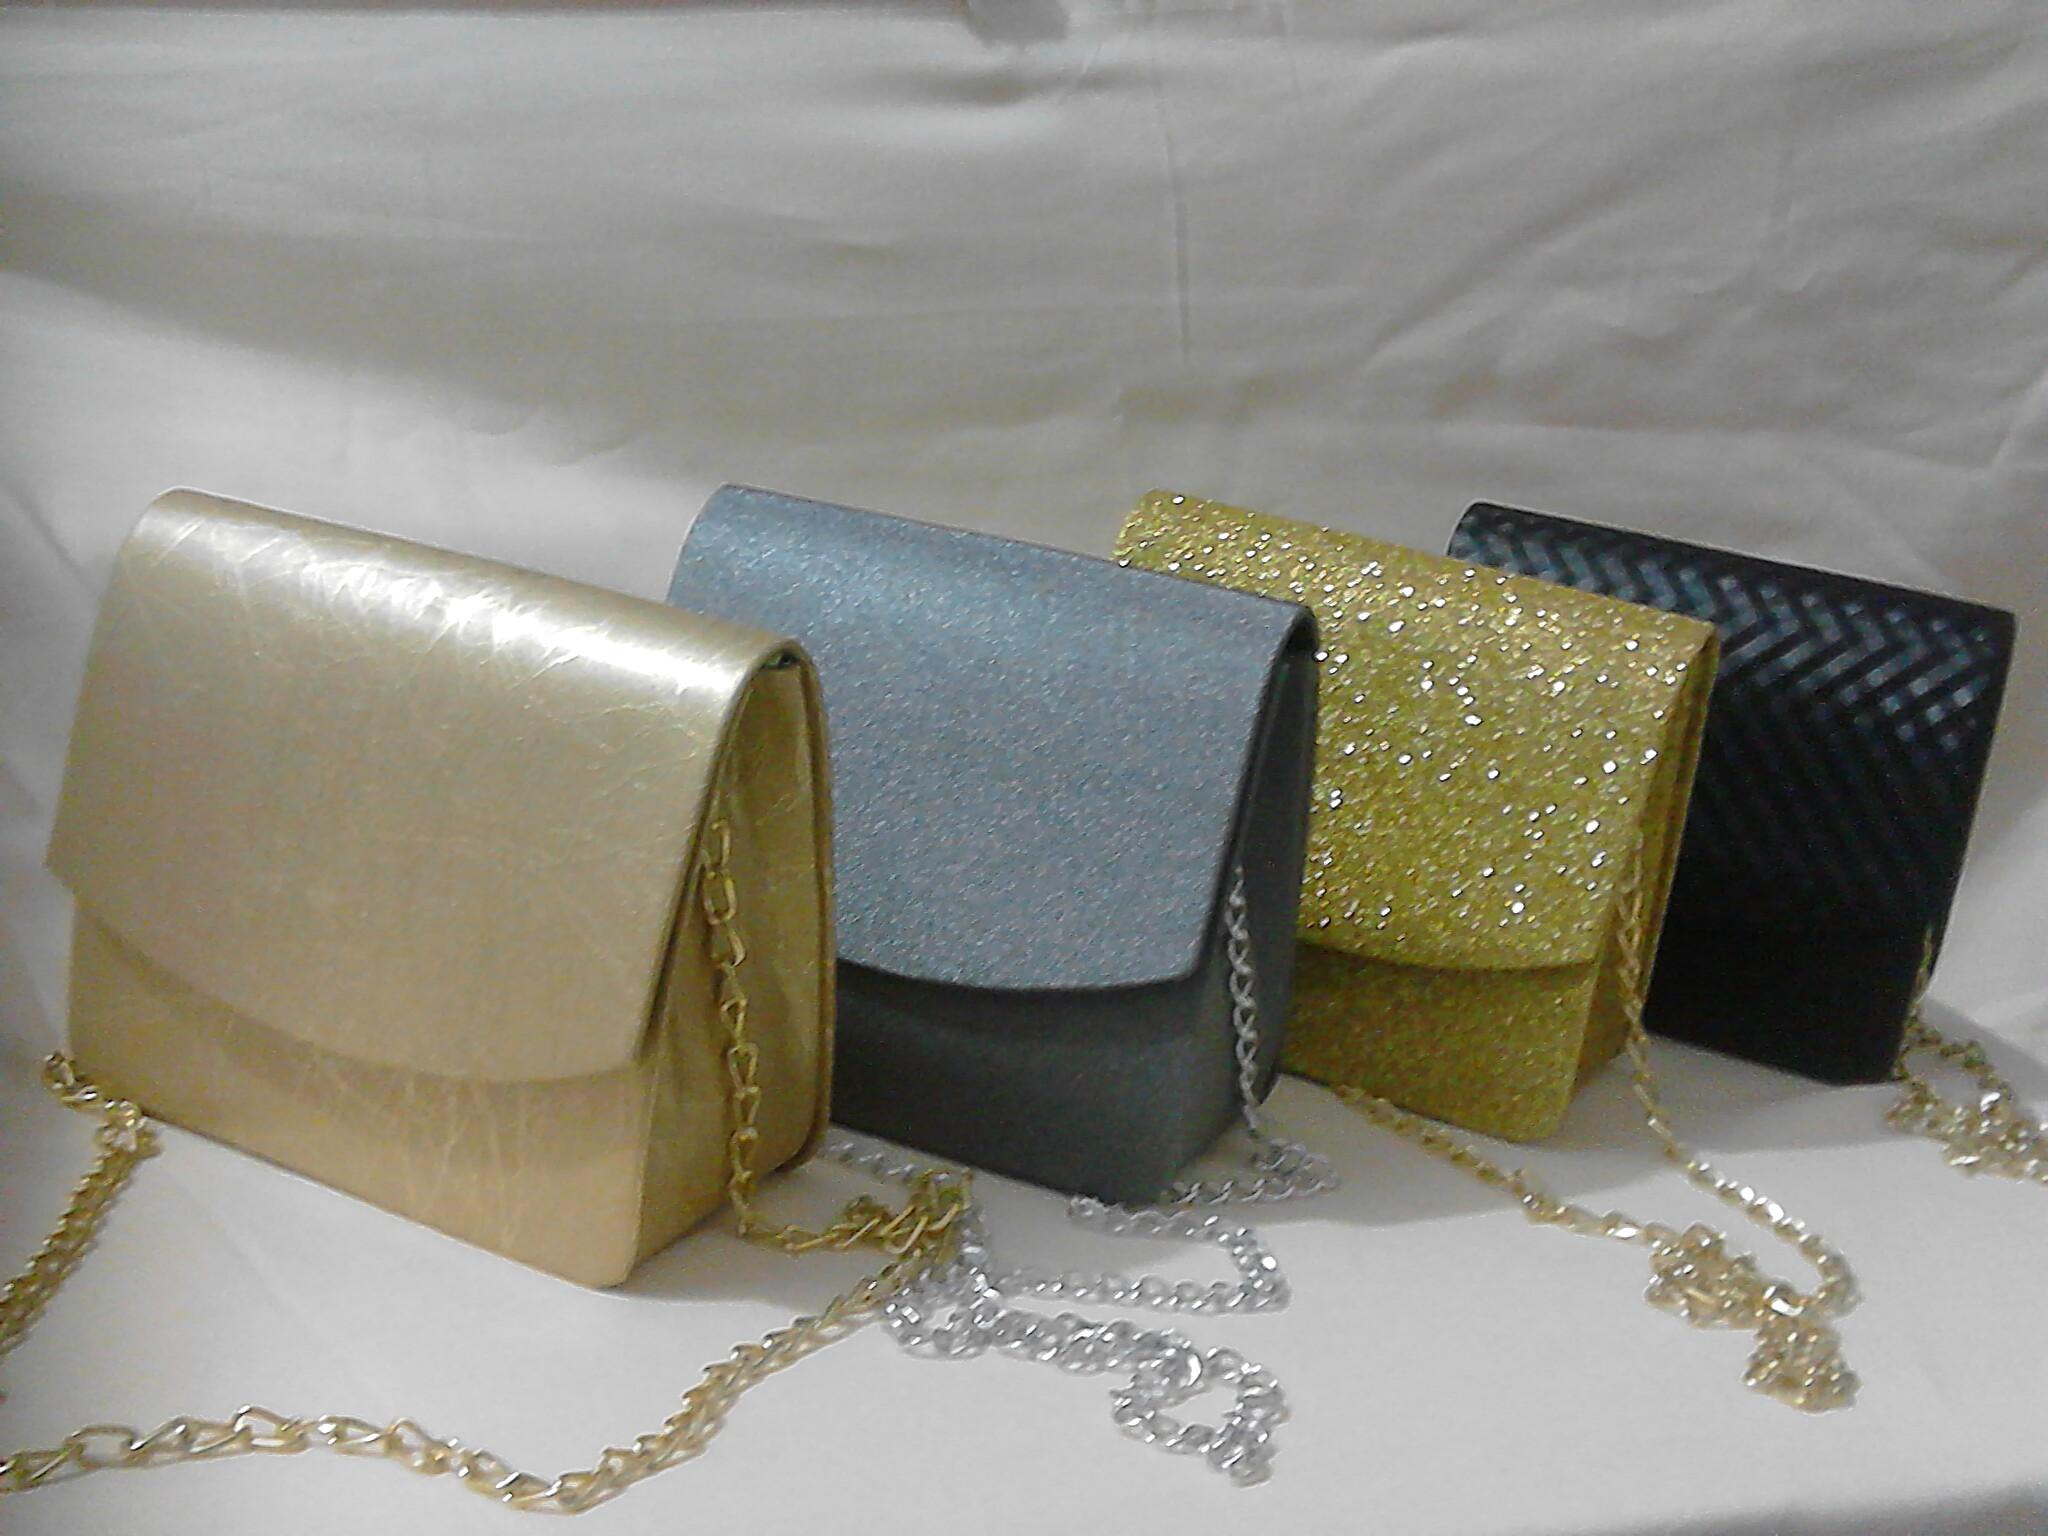 Bolsa De Festa Carteira : Bolsa carteira clutch festa feminina box das artes elo